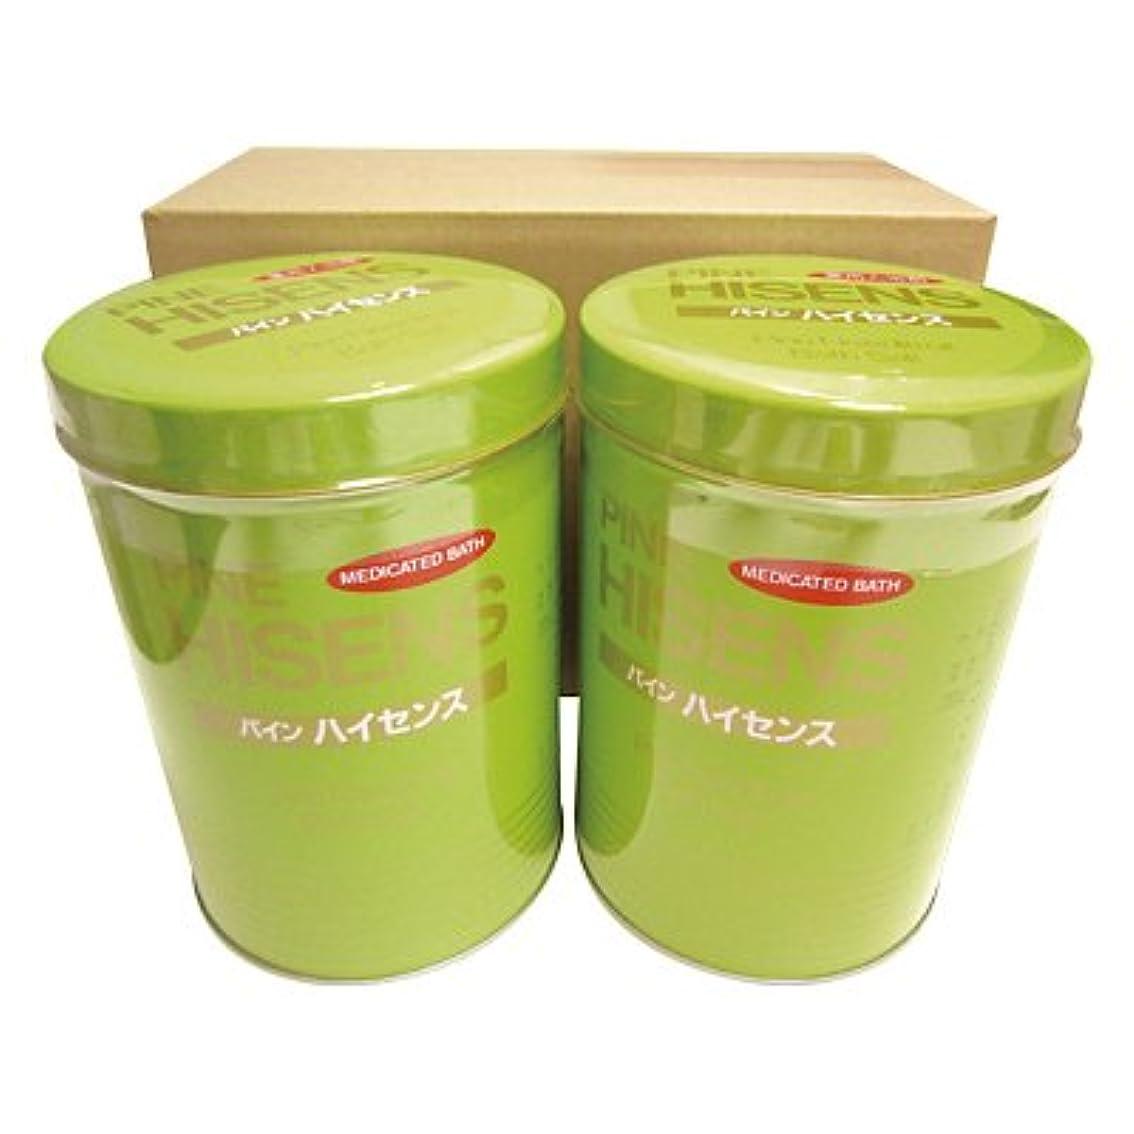 クラスアシスタントリーズ高陽社 薬用入浴剤 パインハイセンス 2.1kg 2缶セット